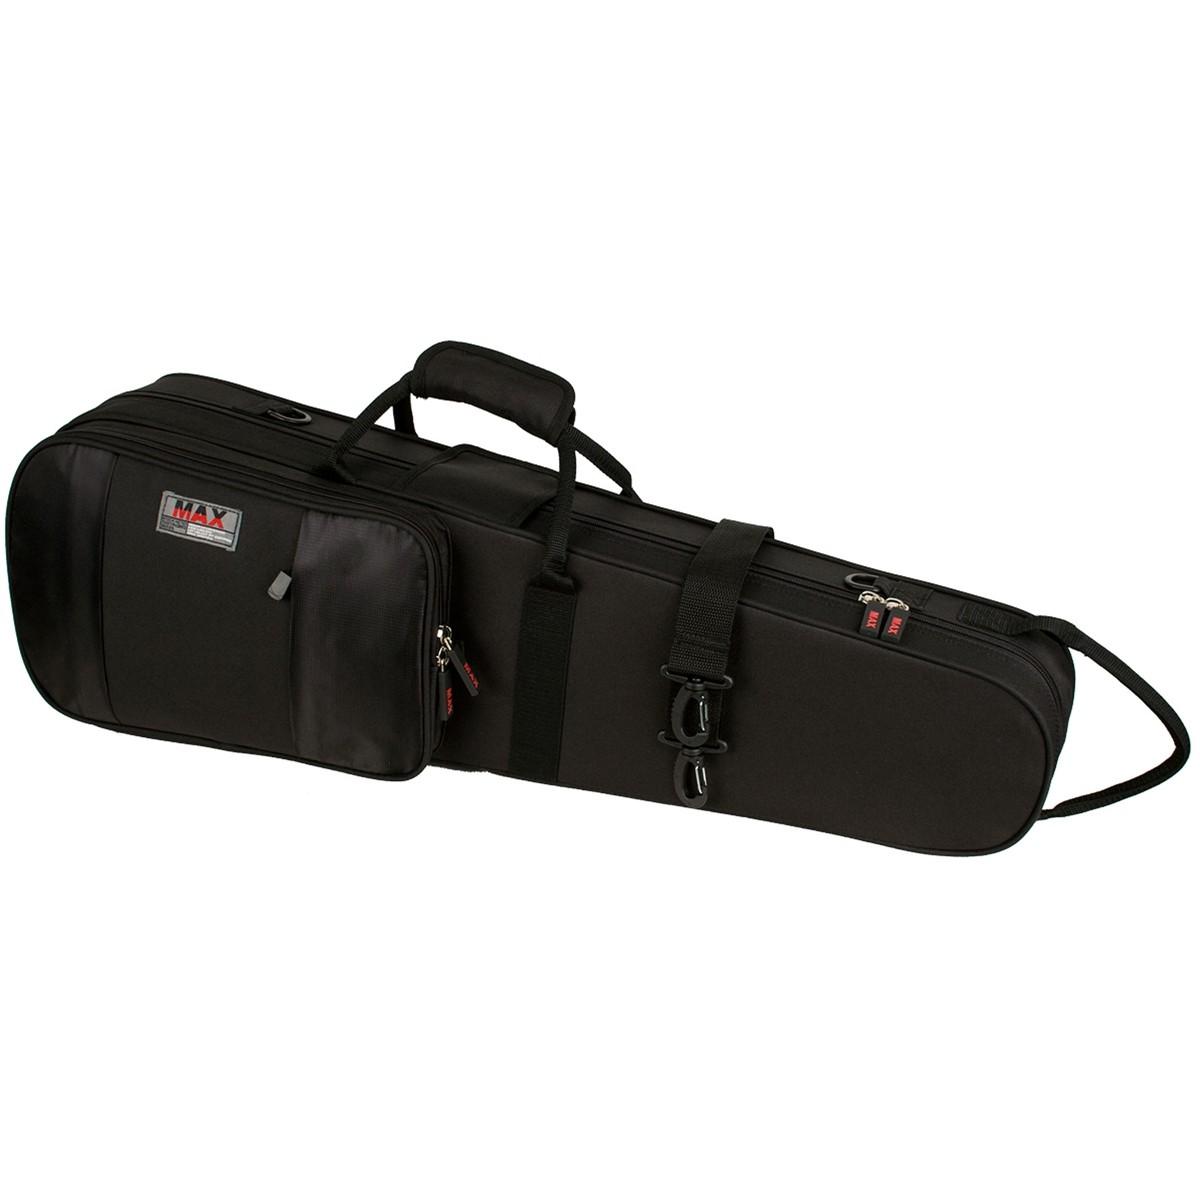 Protec Violin MAX Case - Shaped (MX044)